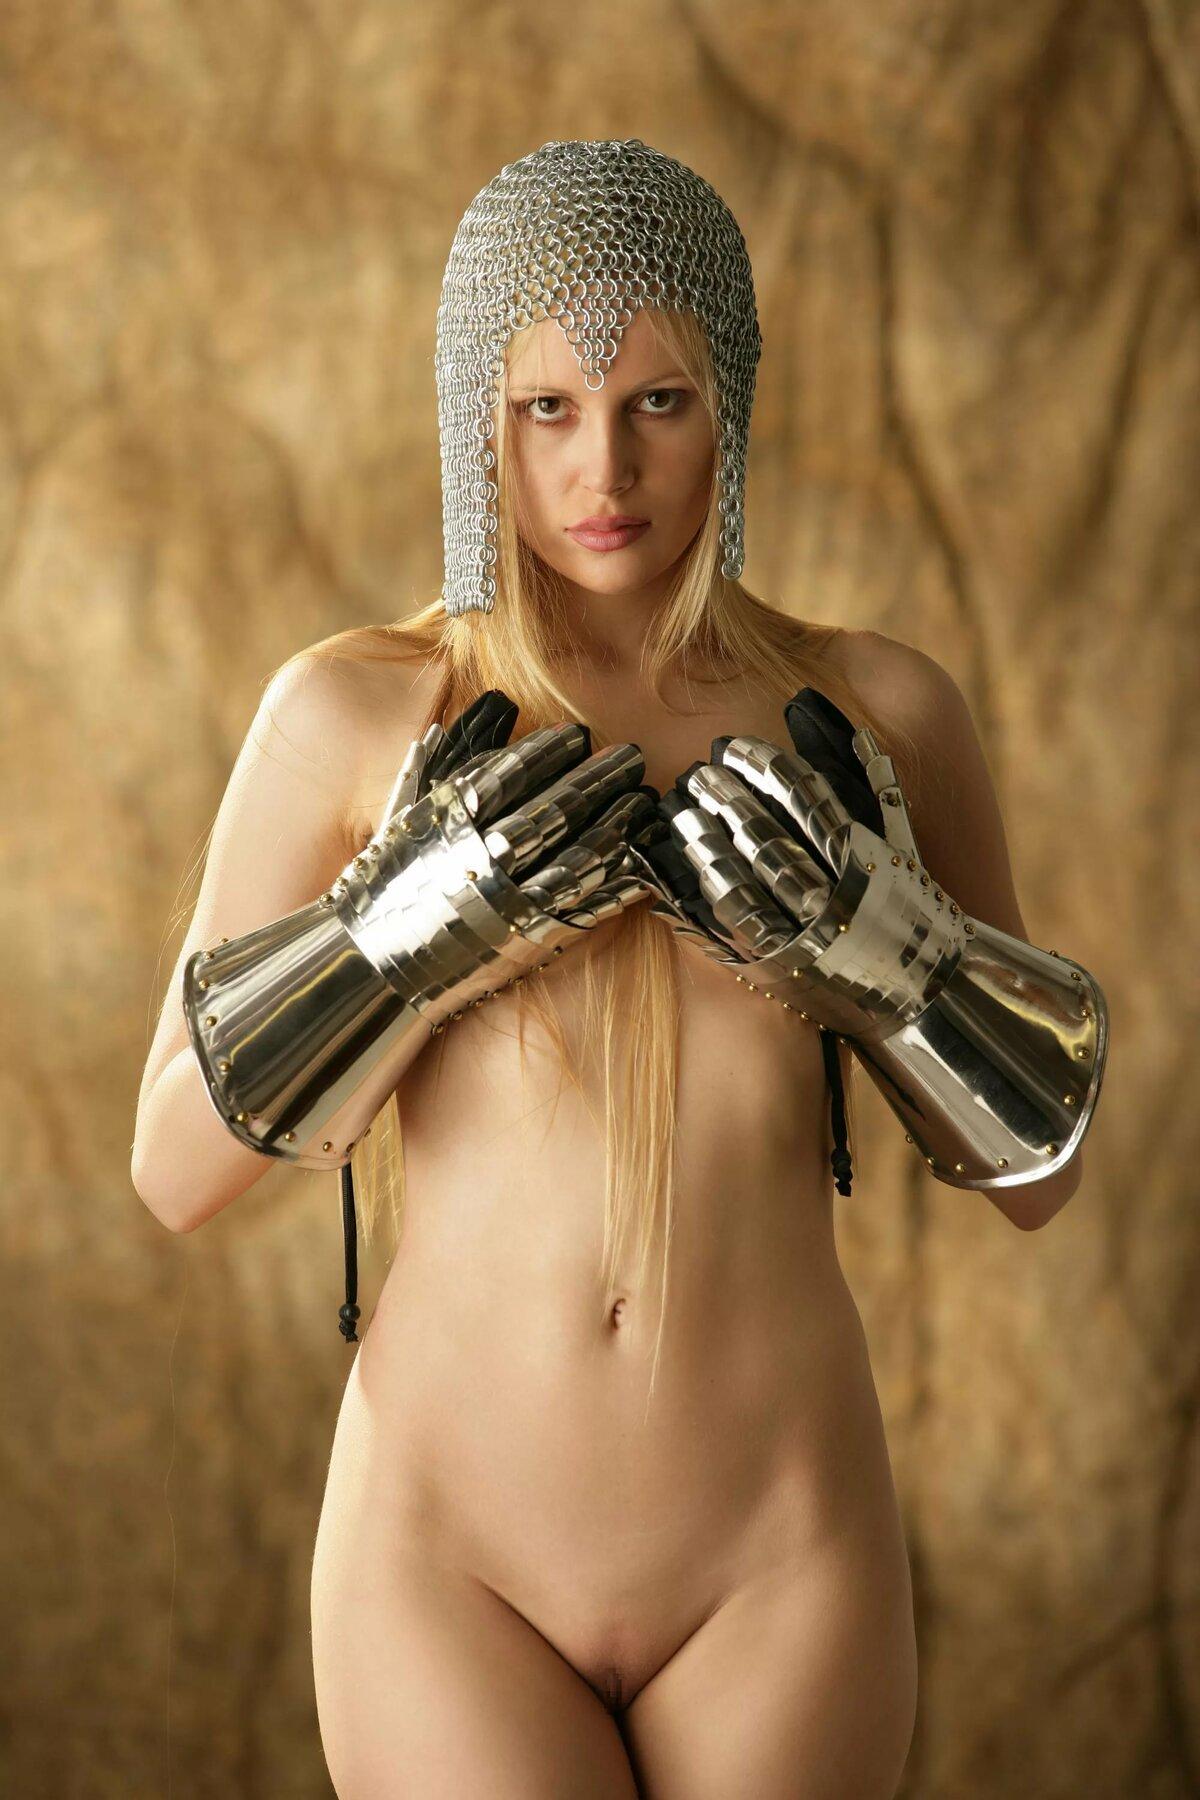 голая девушка из средневековья режиме онлайн